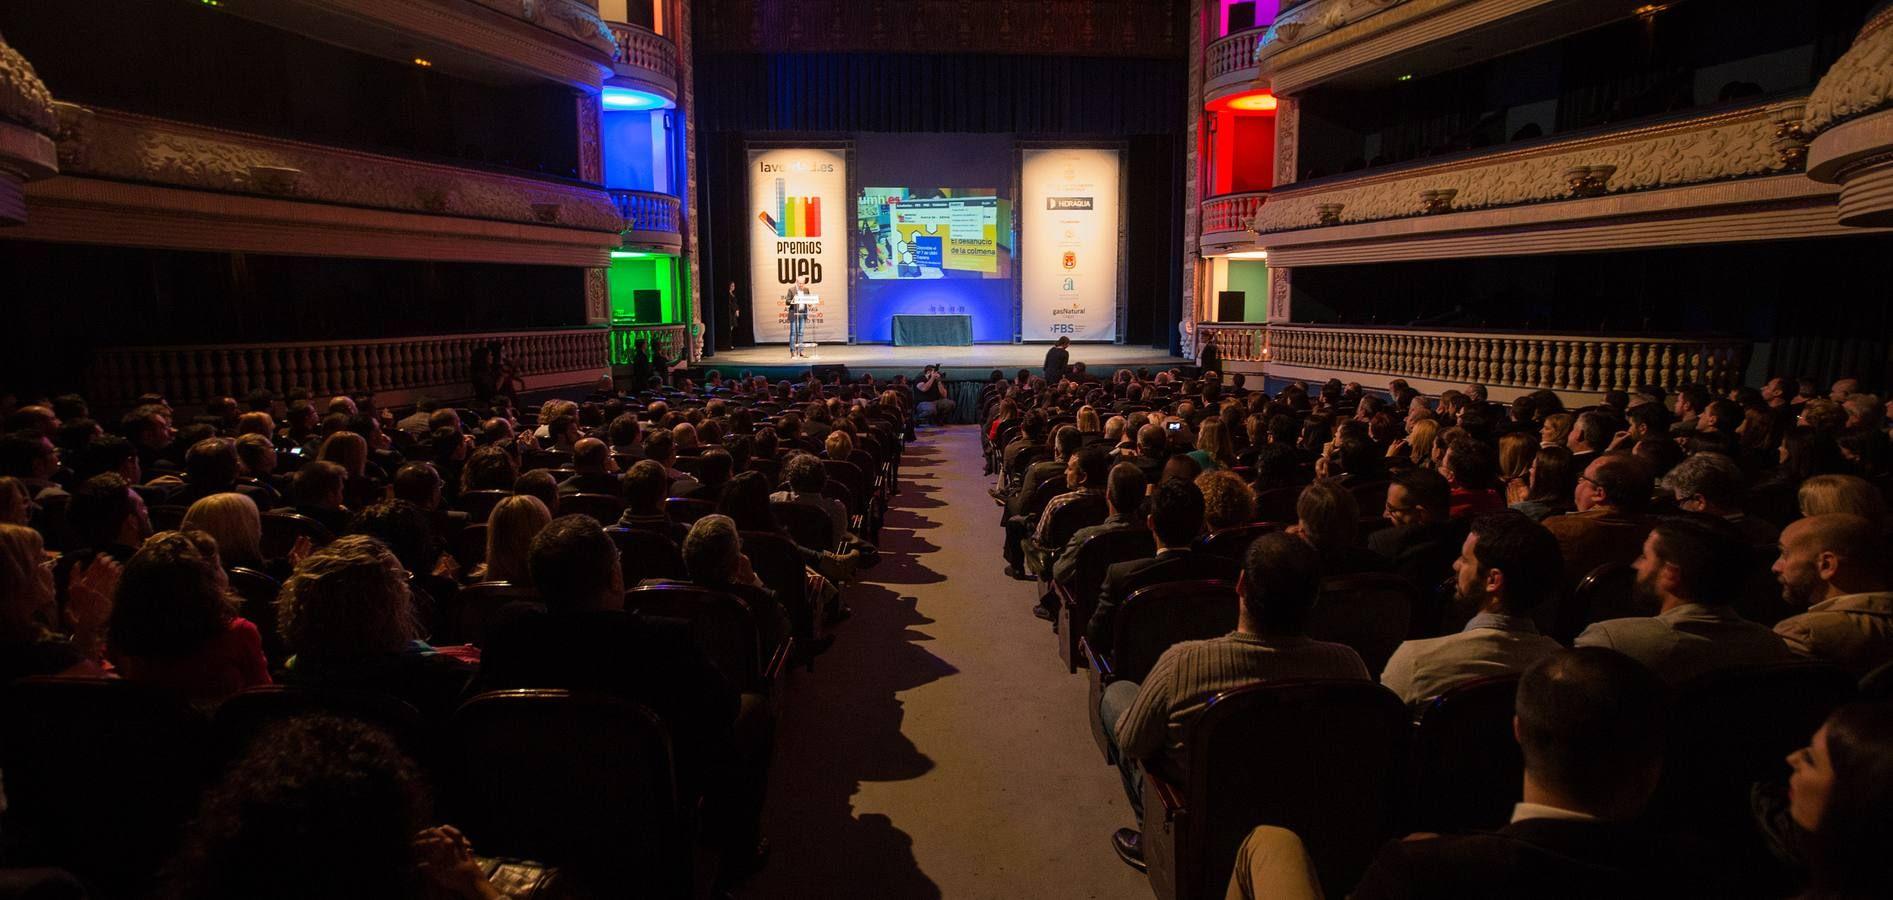 VI Premios Web Alicante.Fuente:La Verdad.FOTO ALEX DOMINGUEZ